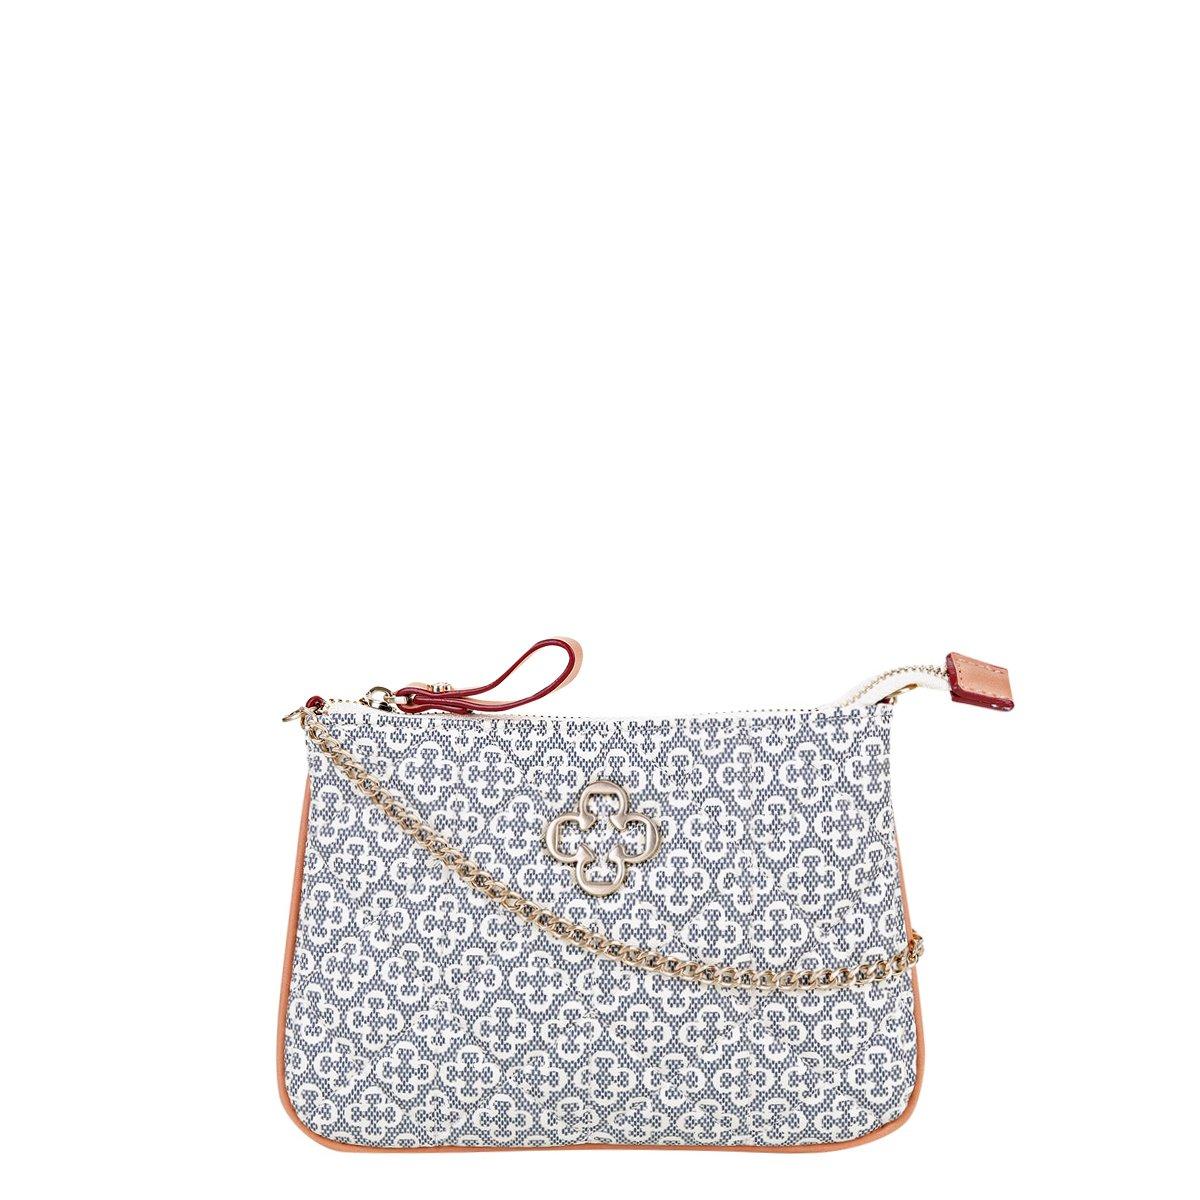 0bbdf2324 Menor preço em Bolsa Capodarte Mini Bag Monograma Alça Corrente Matelassê  Feminina - Azul e Bege